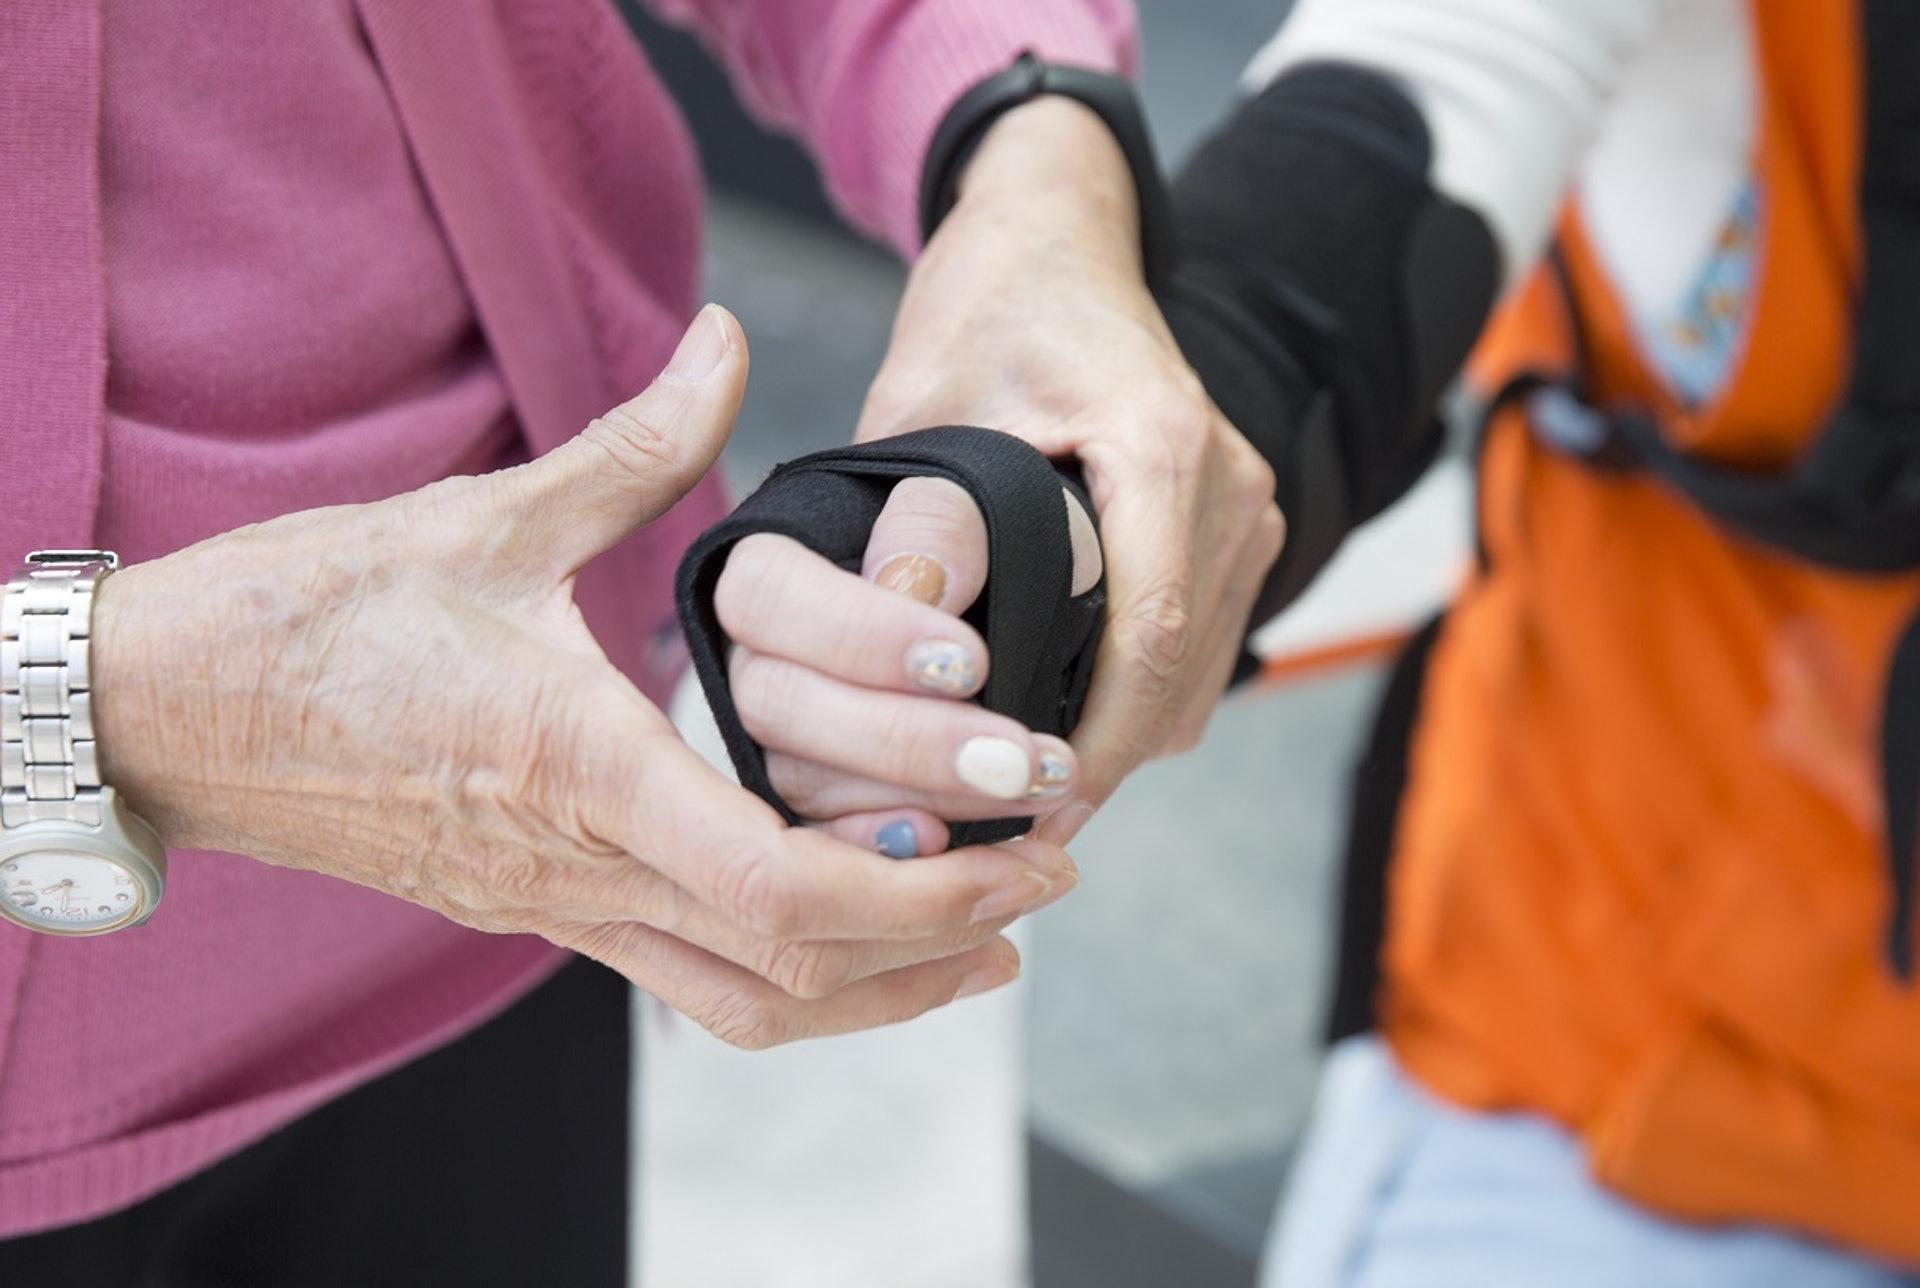 老人家愛拖著別人的手,貞貞也不例外,由她親身帶領參加者感受,感覺份外溫暖。(龔嘉盛攝)